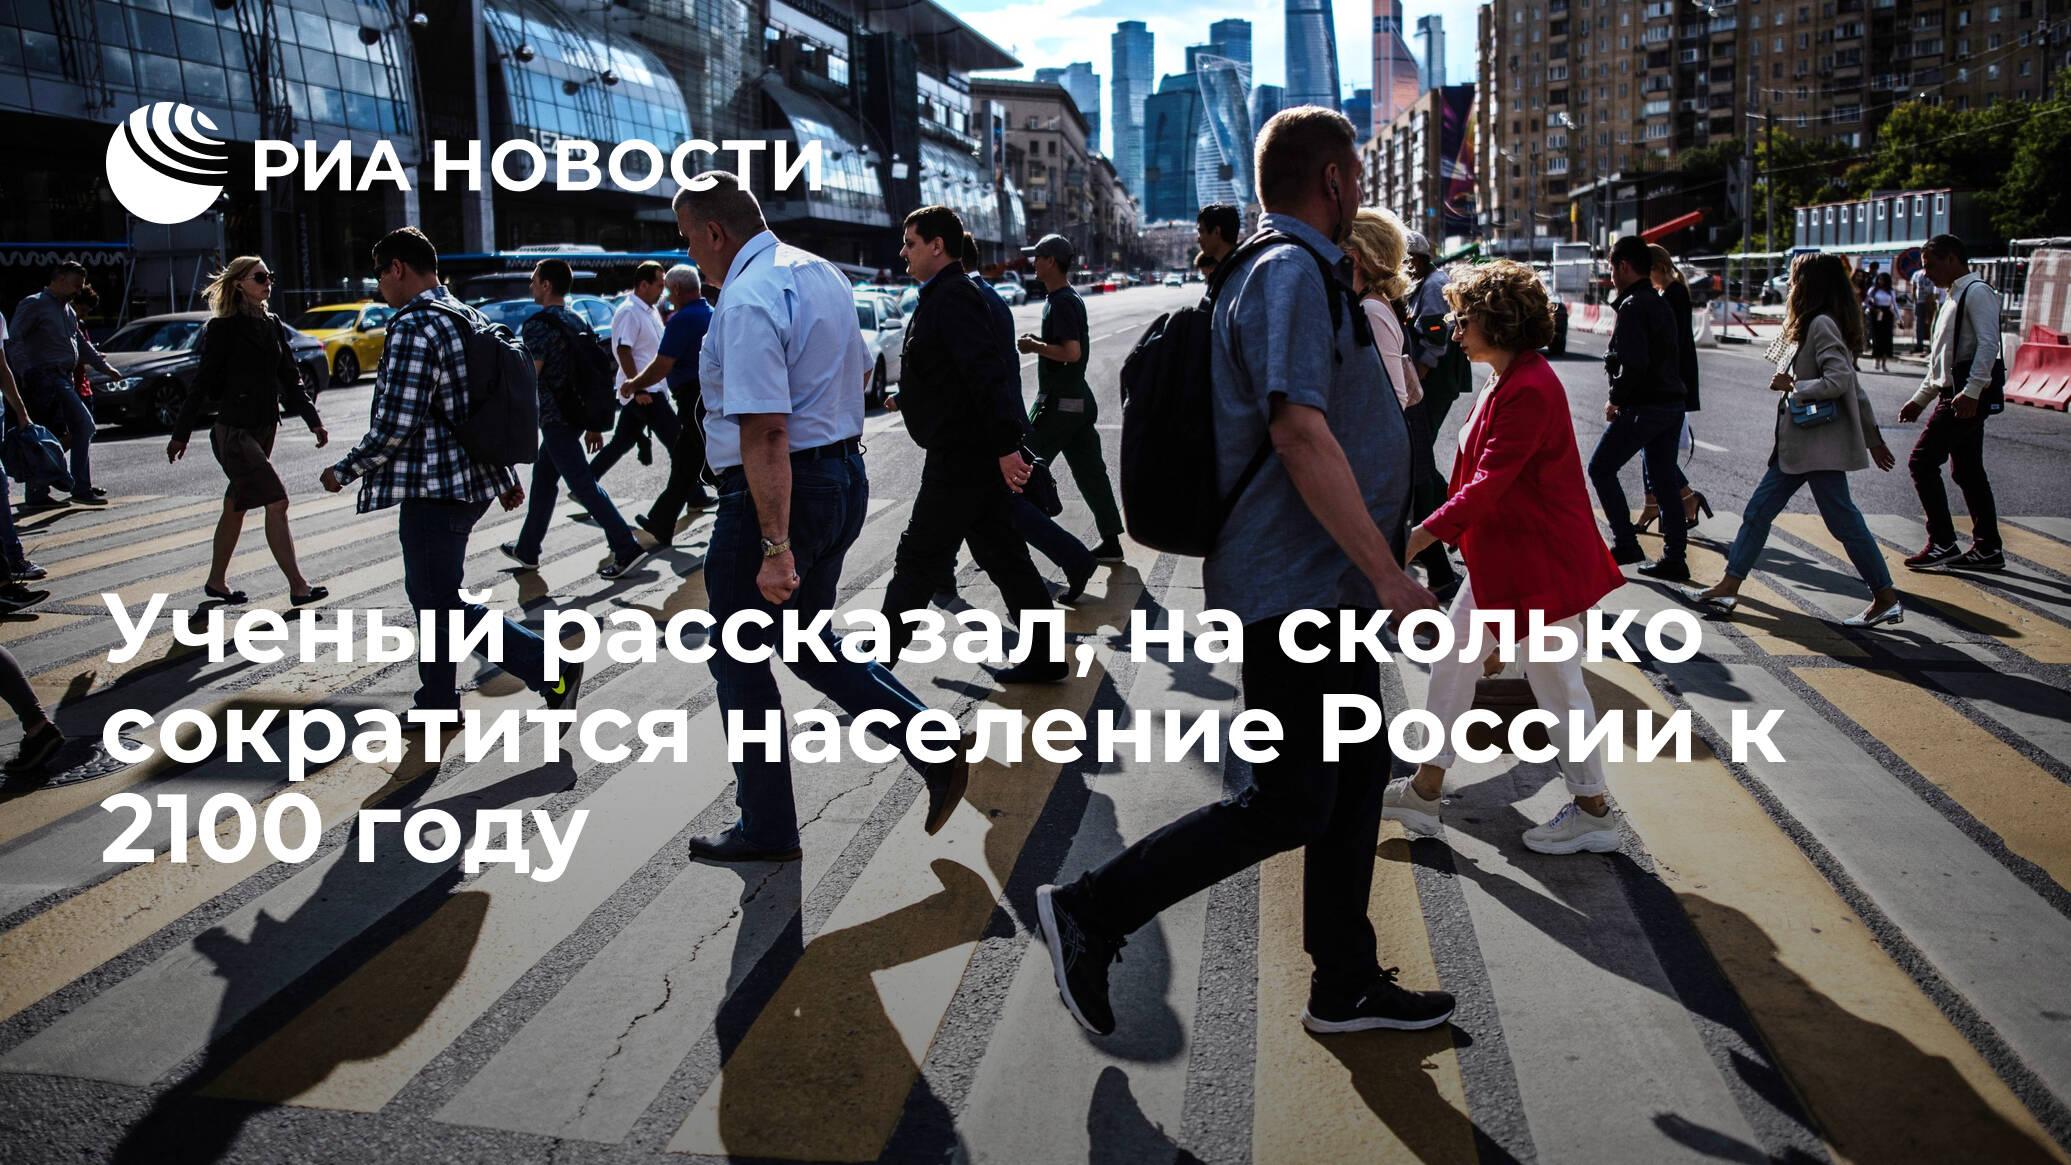 Ученый рассказал, на сколько сократится население России к 2100 году